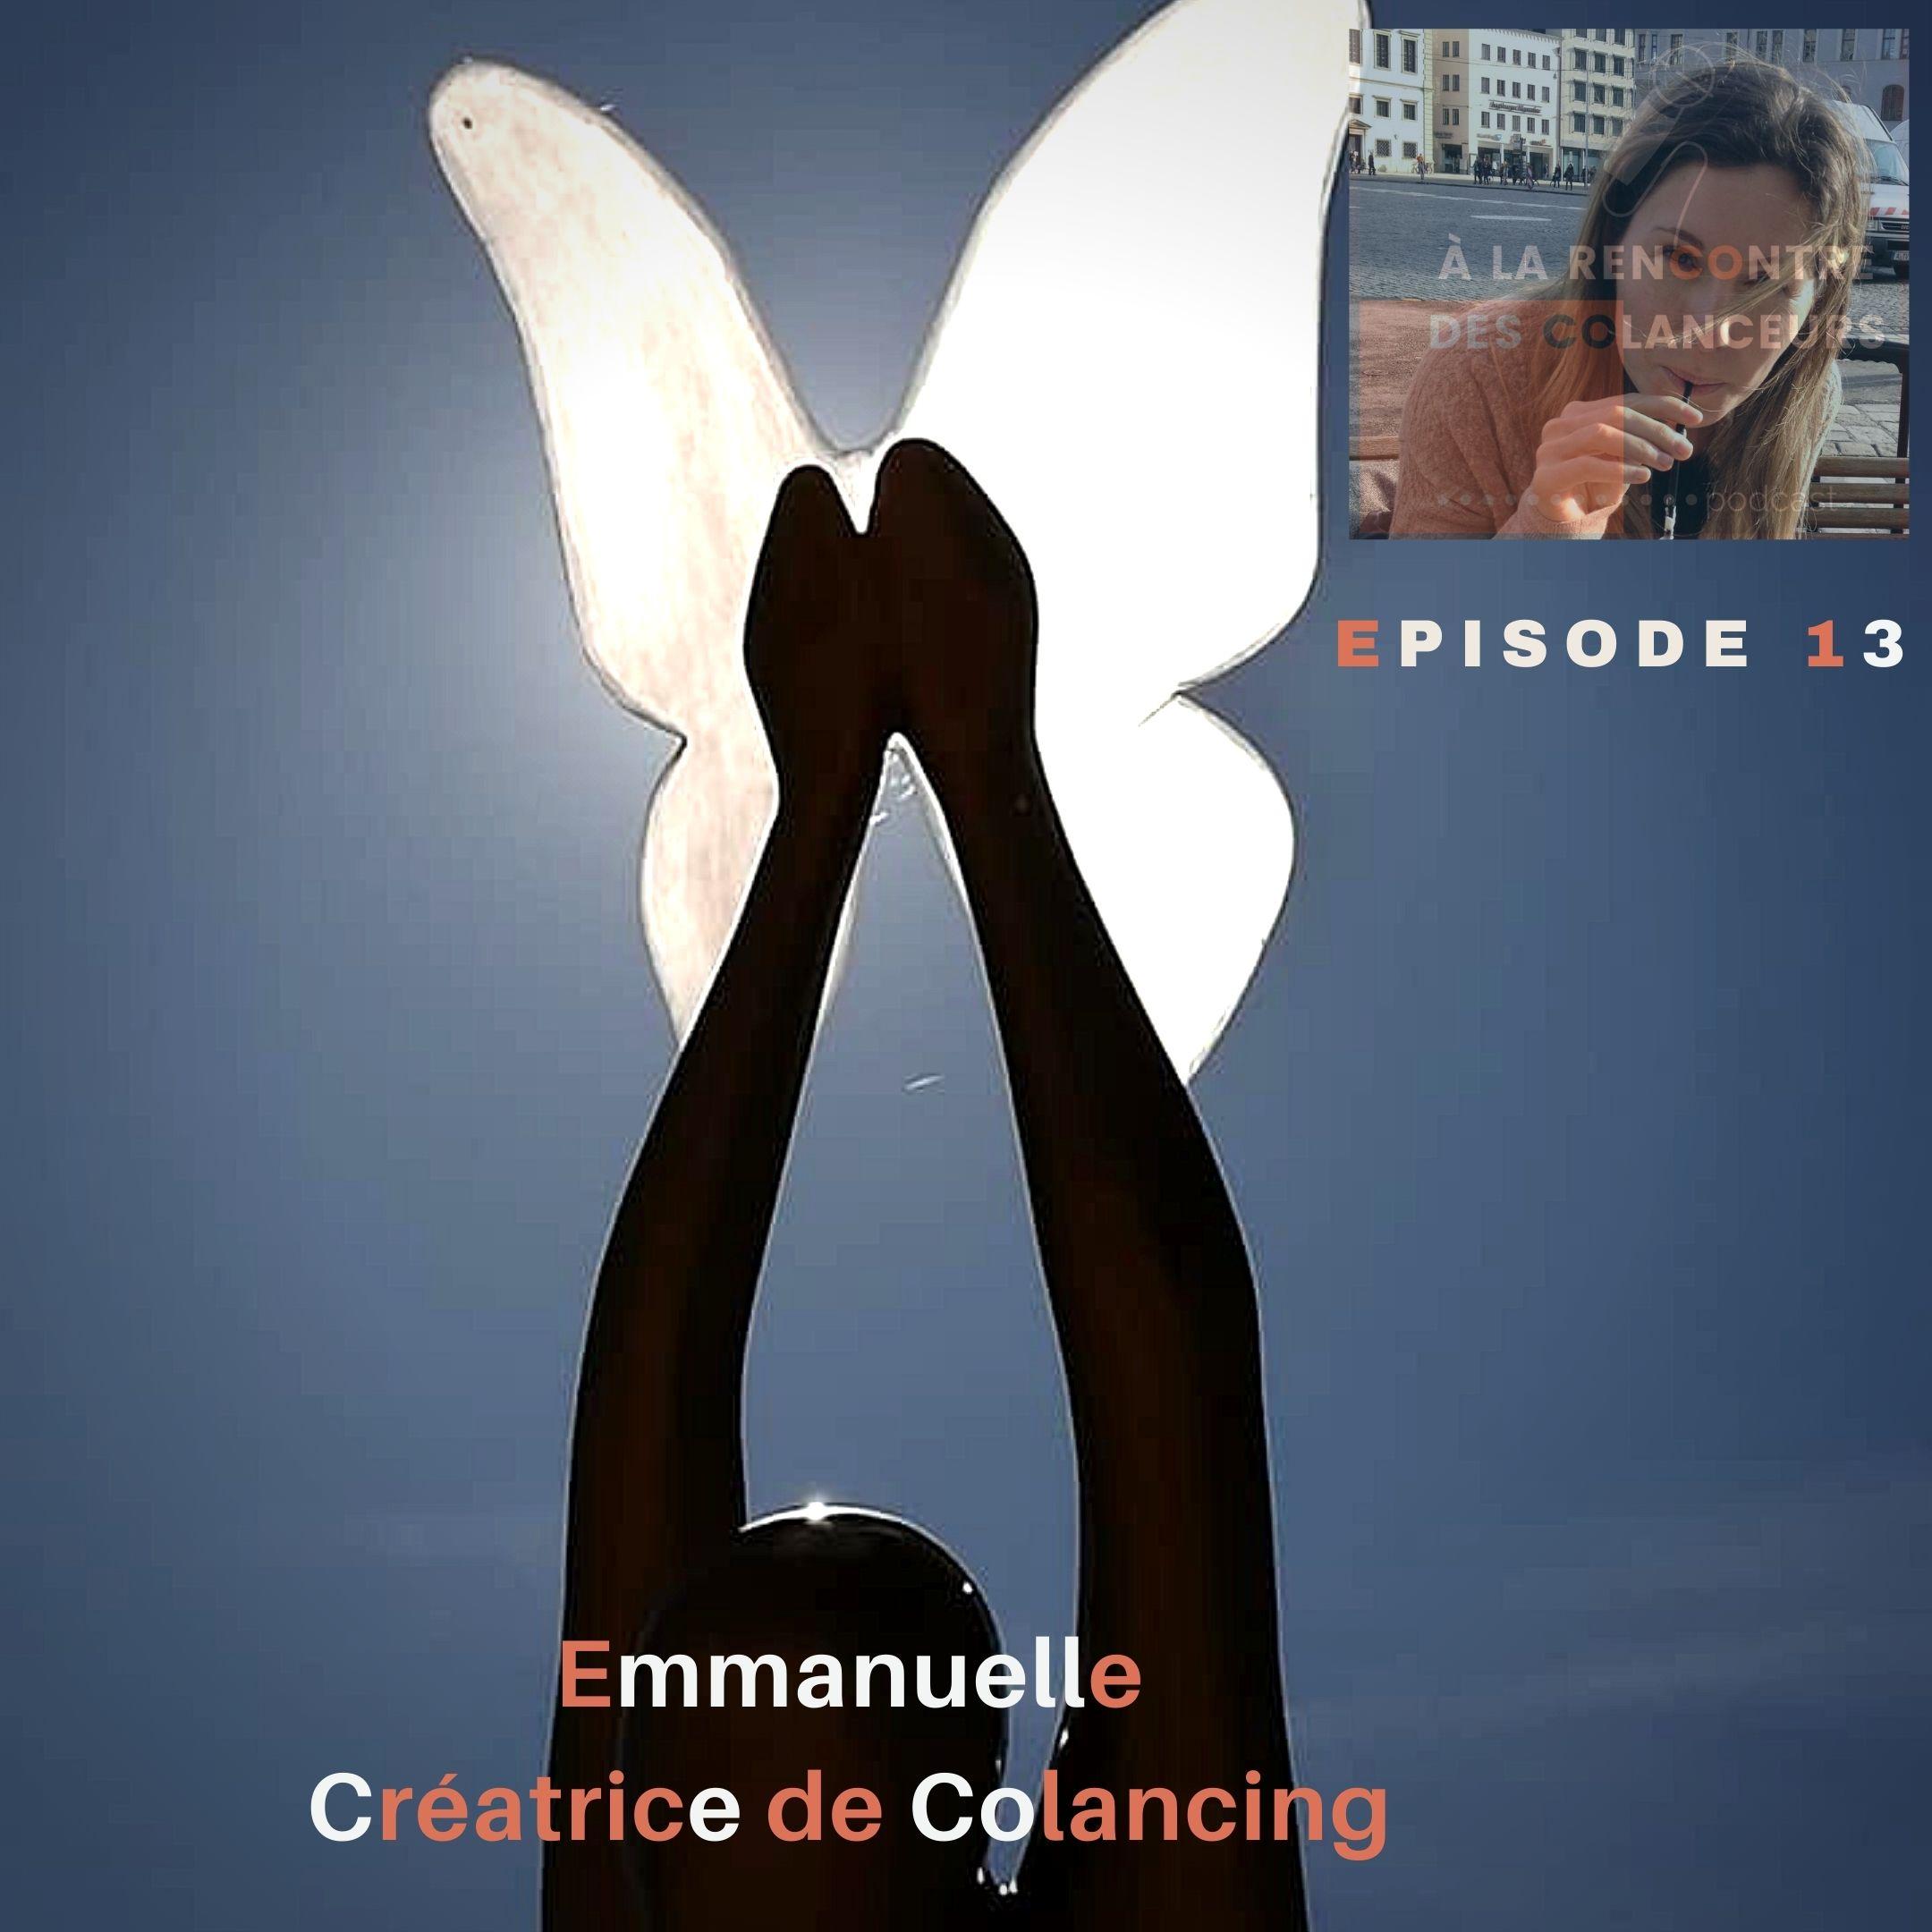 Visuel Episode 13 Emmanuelle